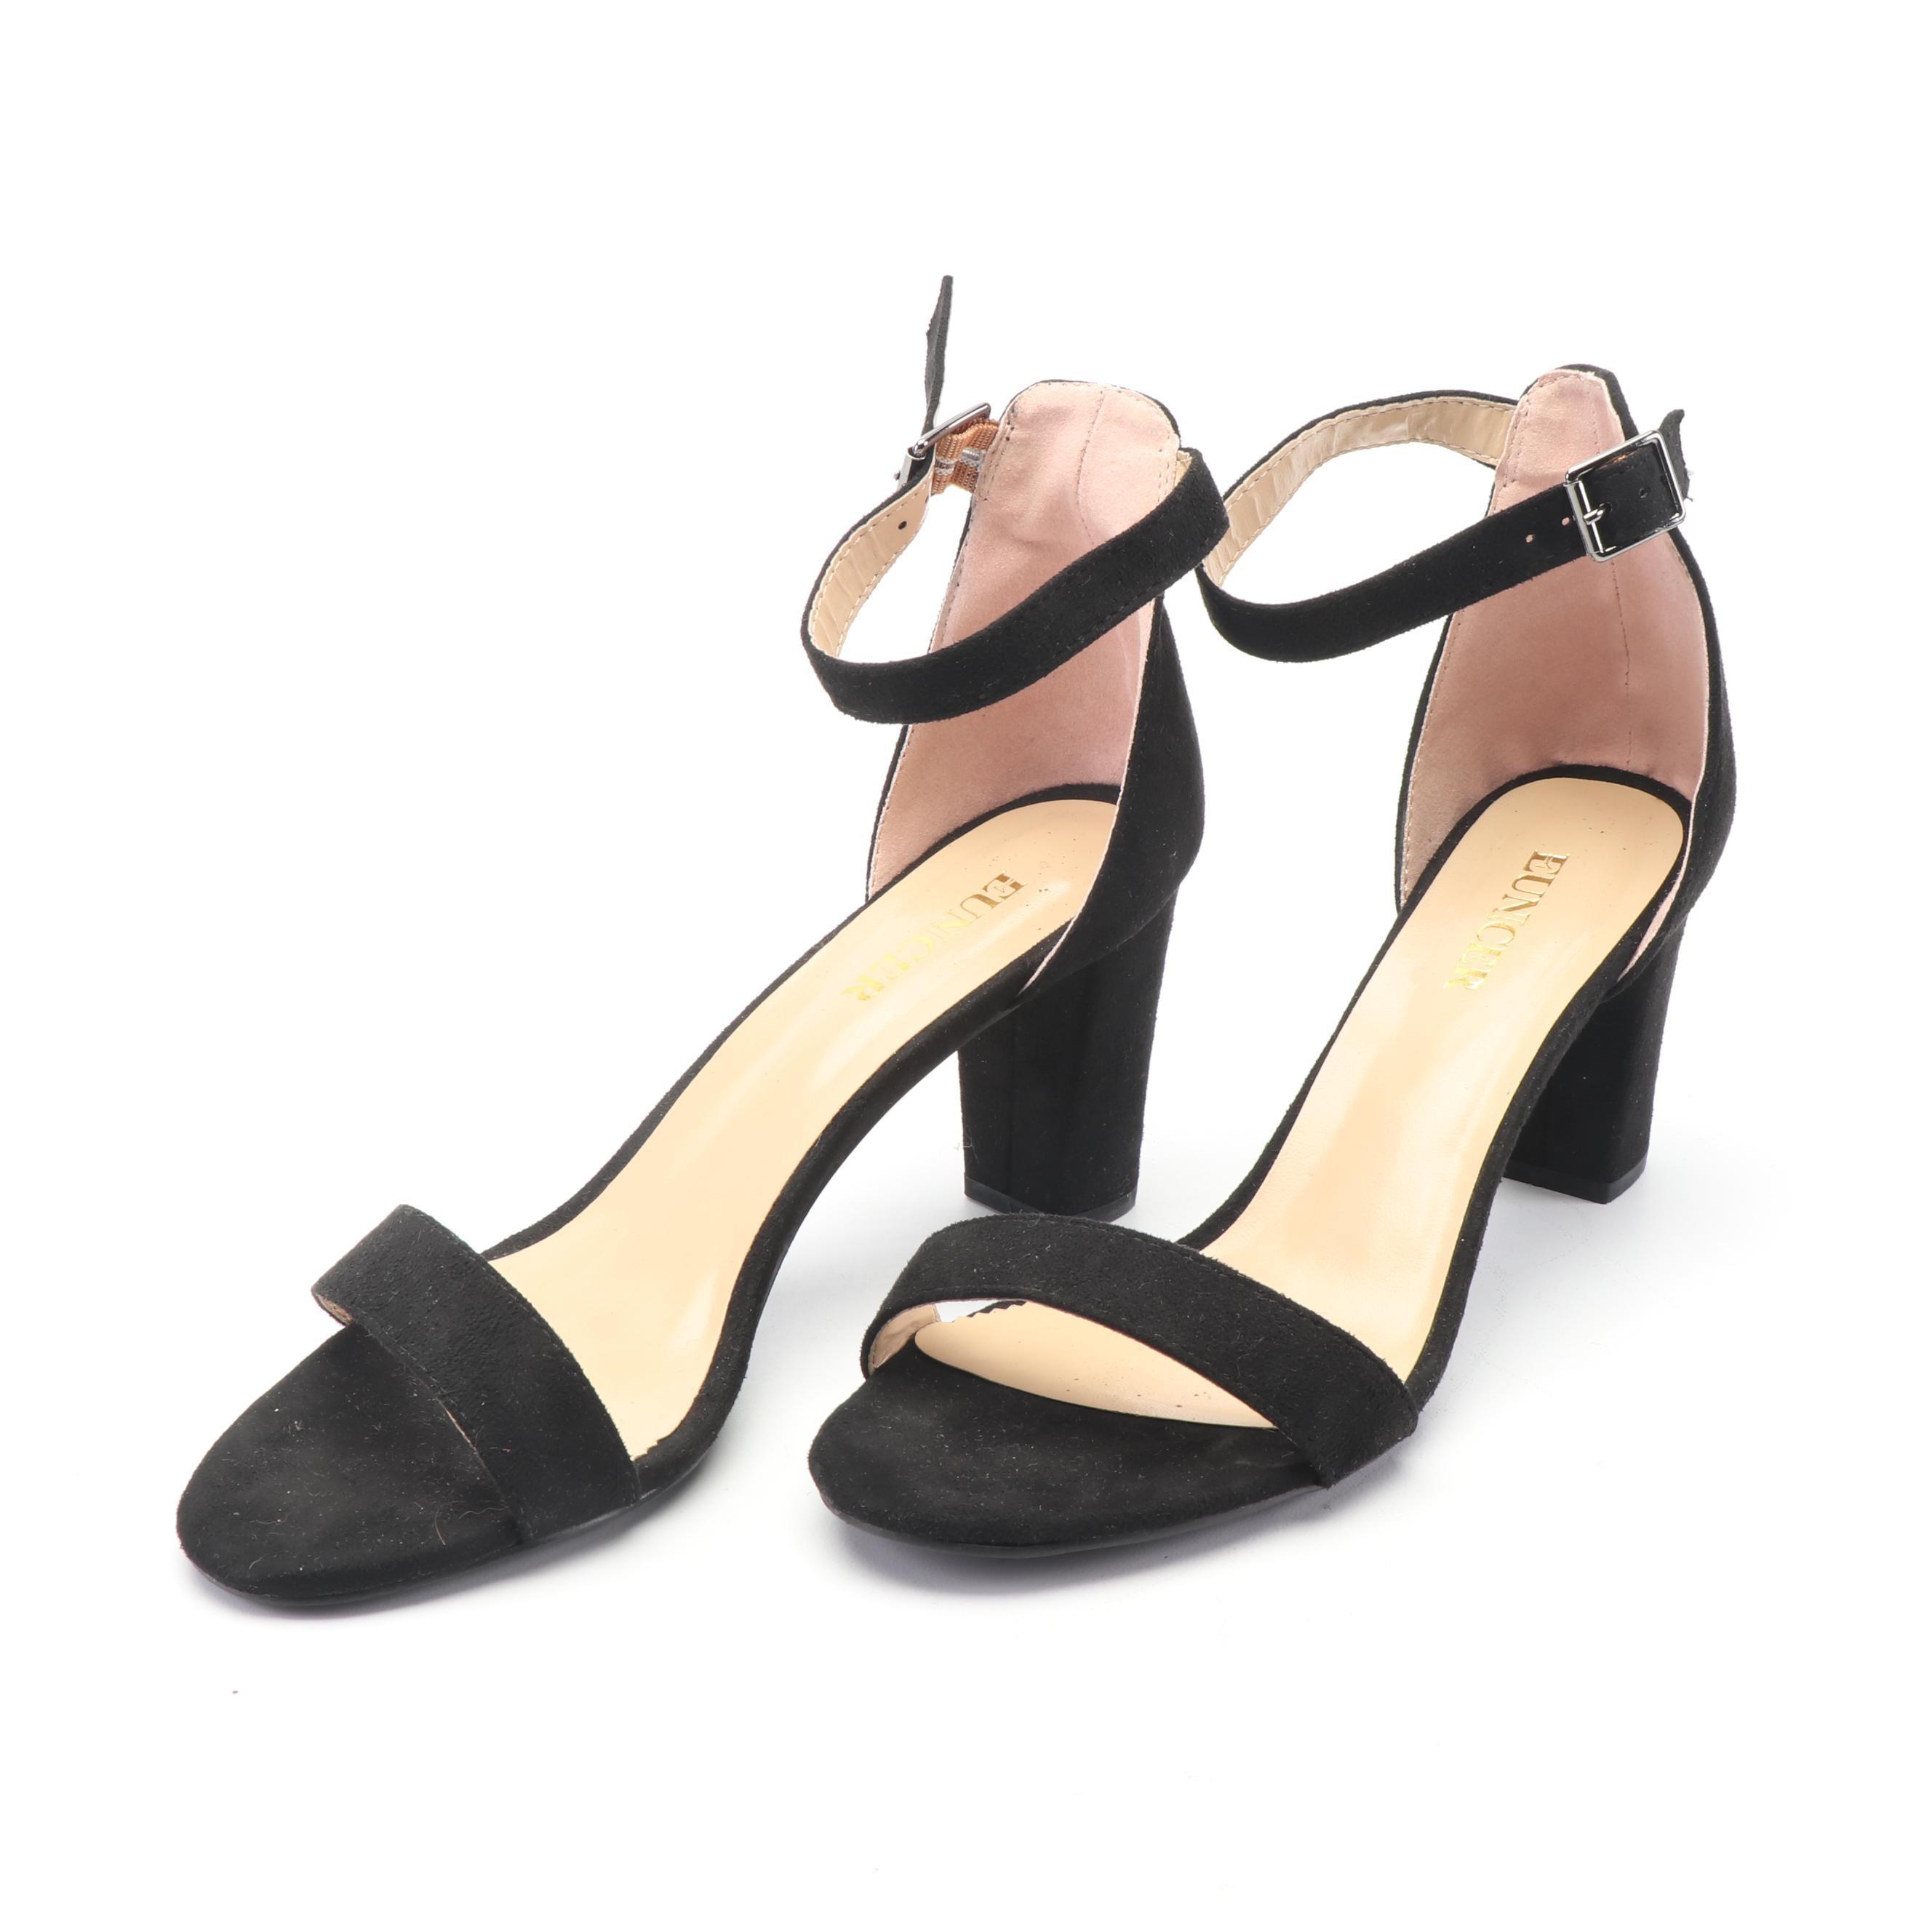 Eunicer Black Suede Ankle Strap Heels